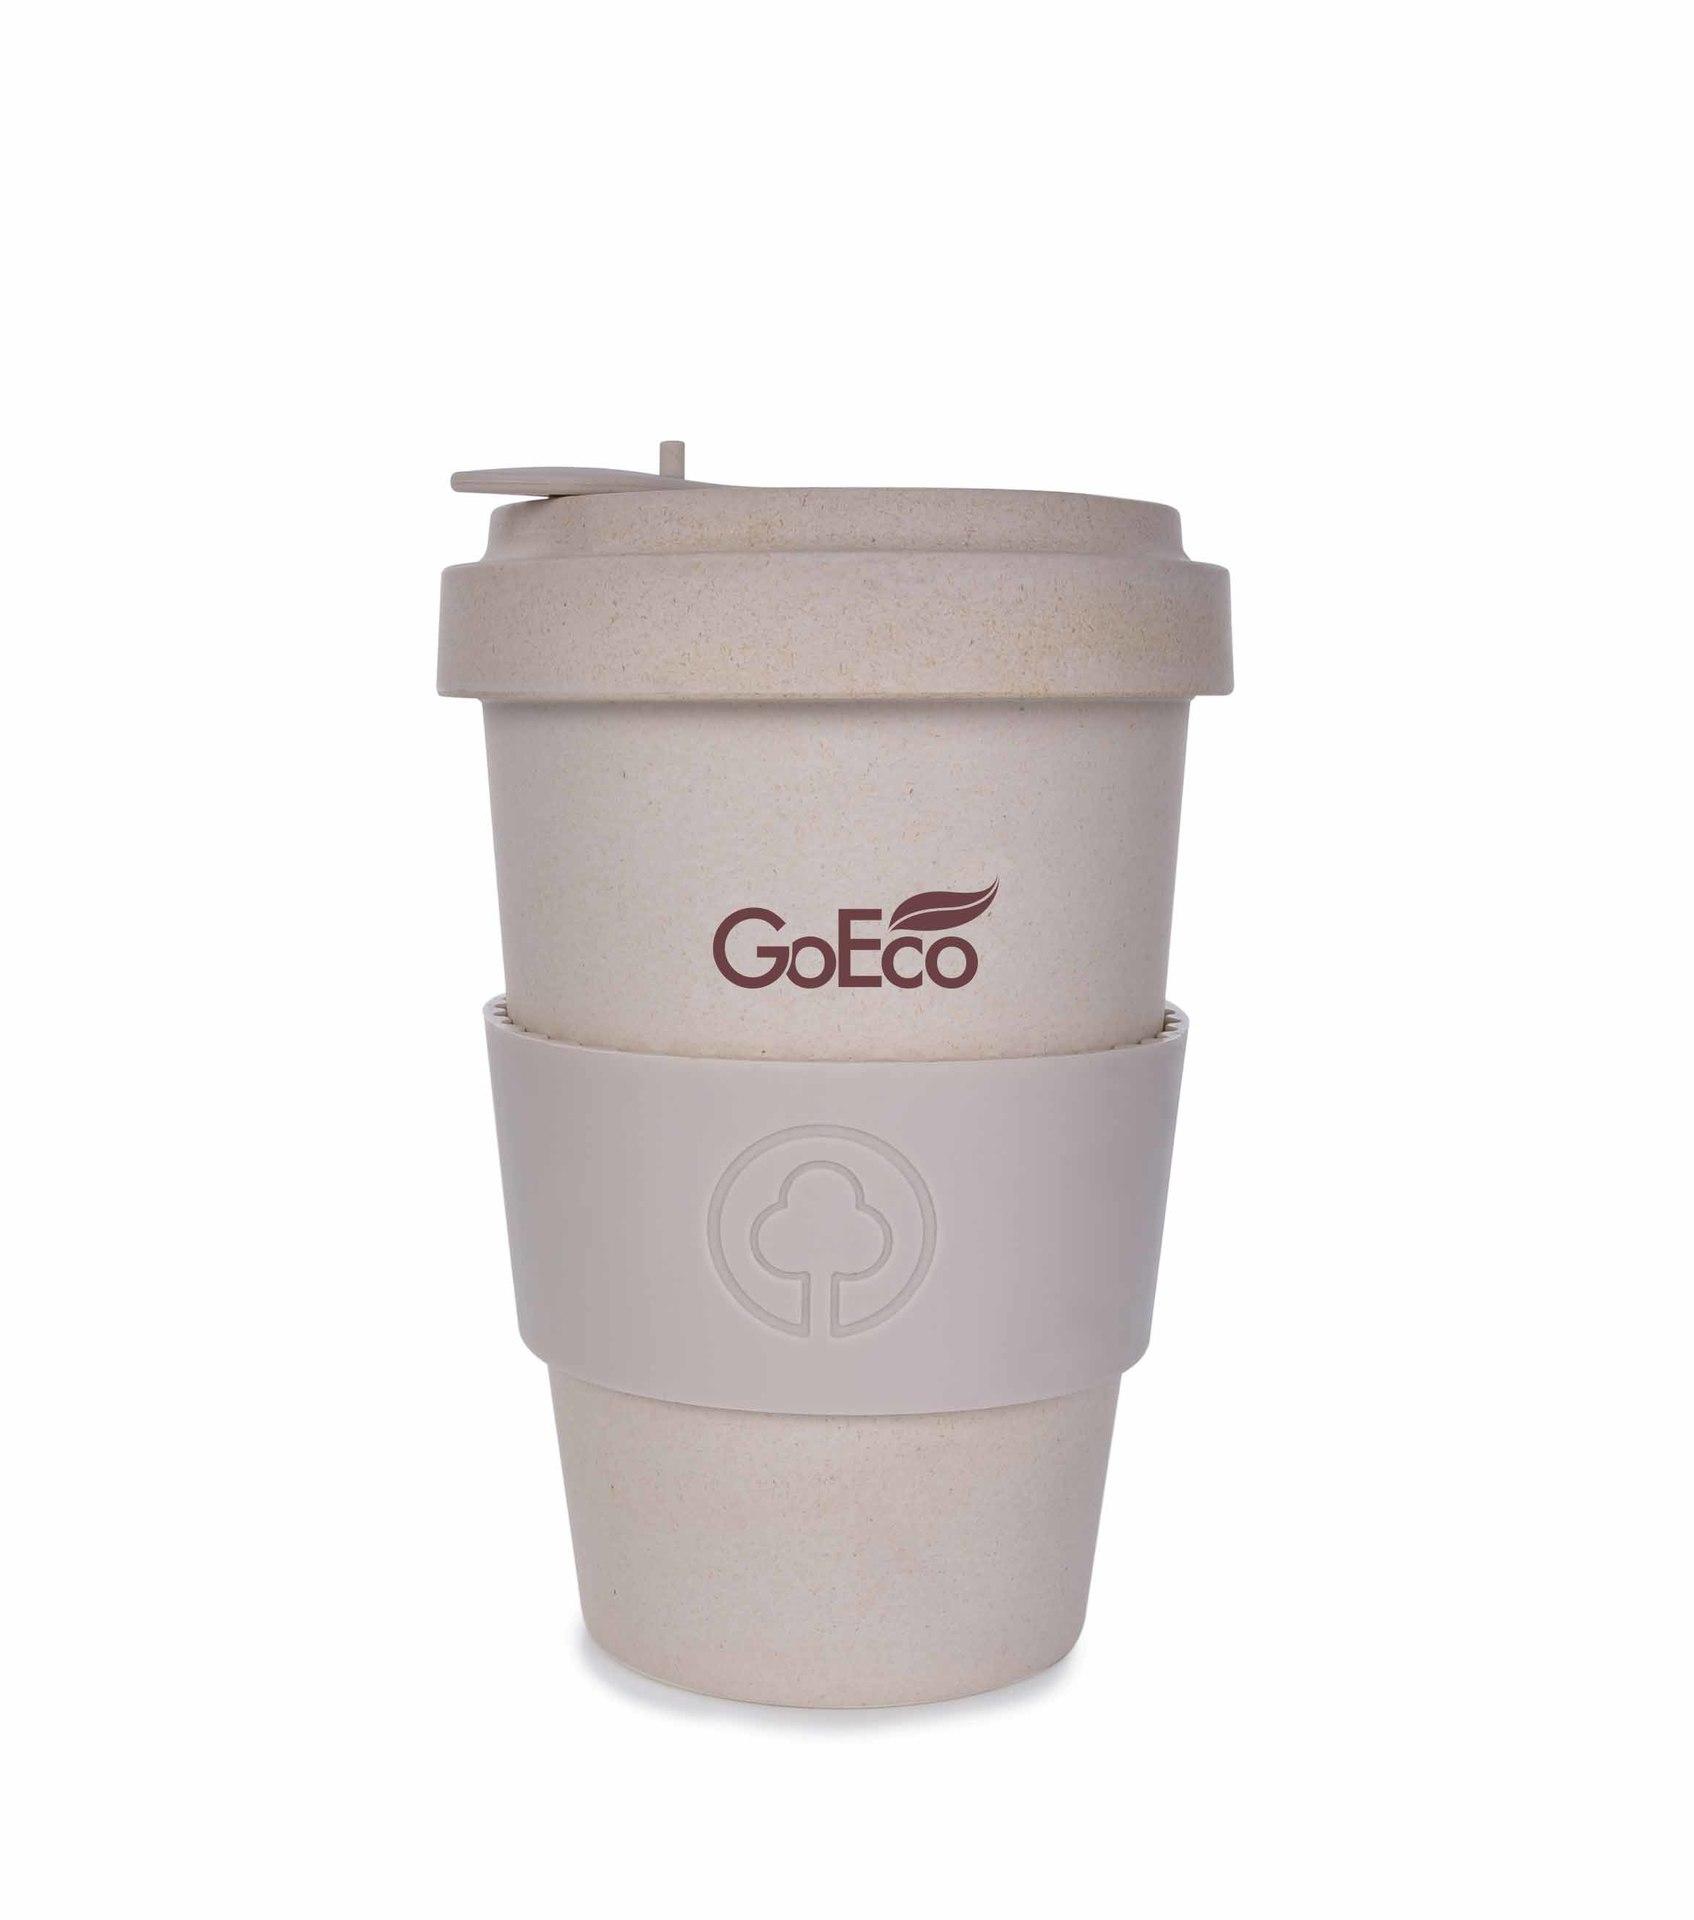 XL KELIMERO® GoEco® 500 ml hrnek a šroubovací víko, s bambusovou vlákninou